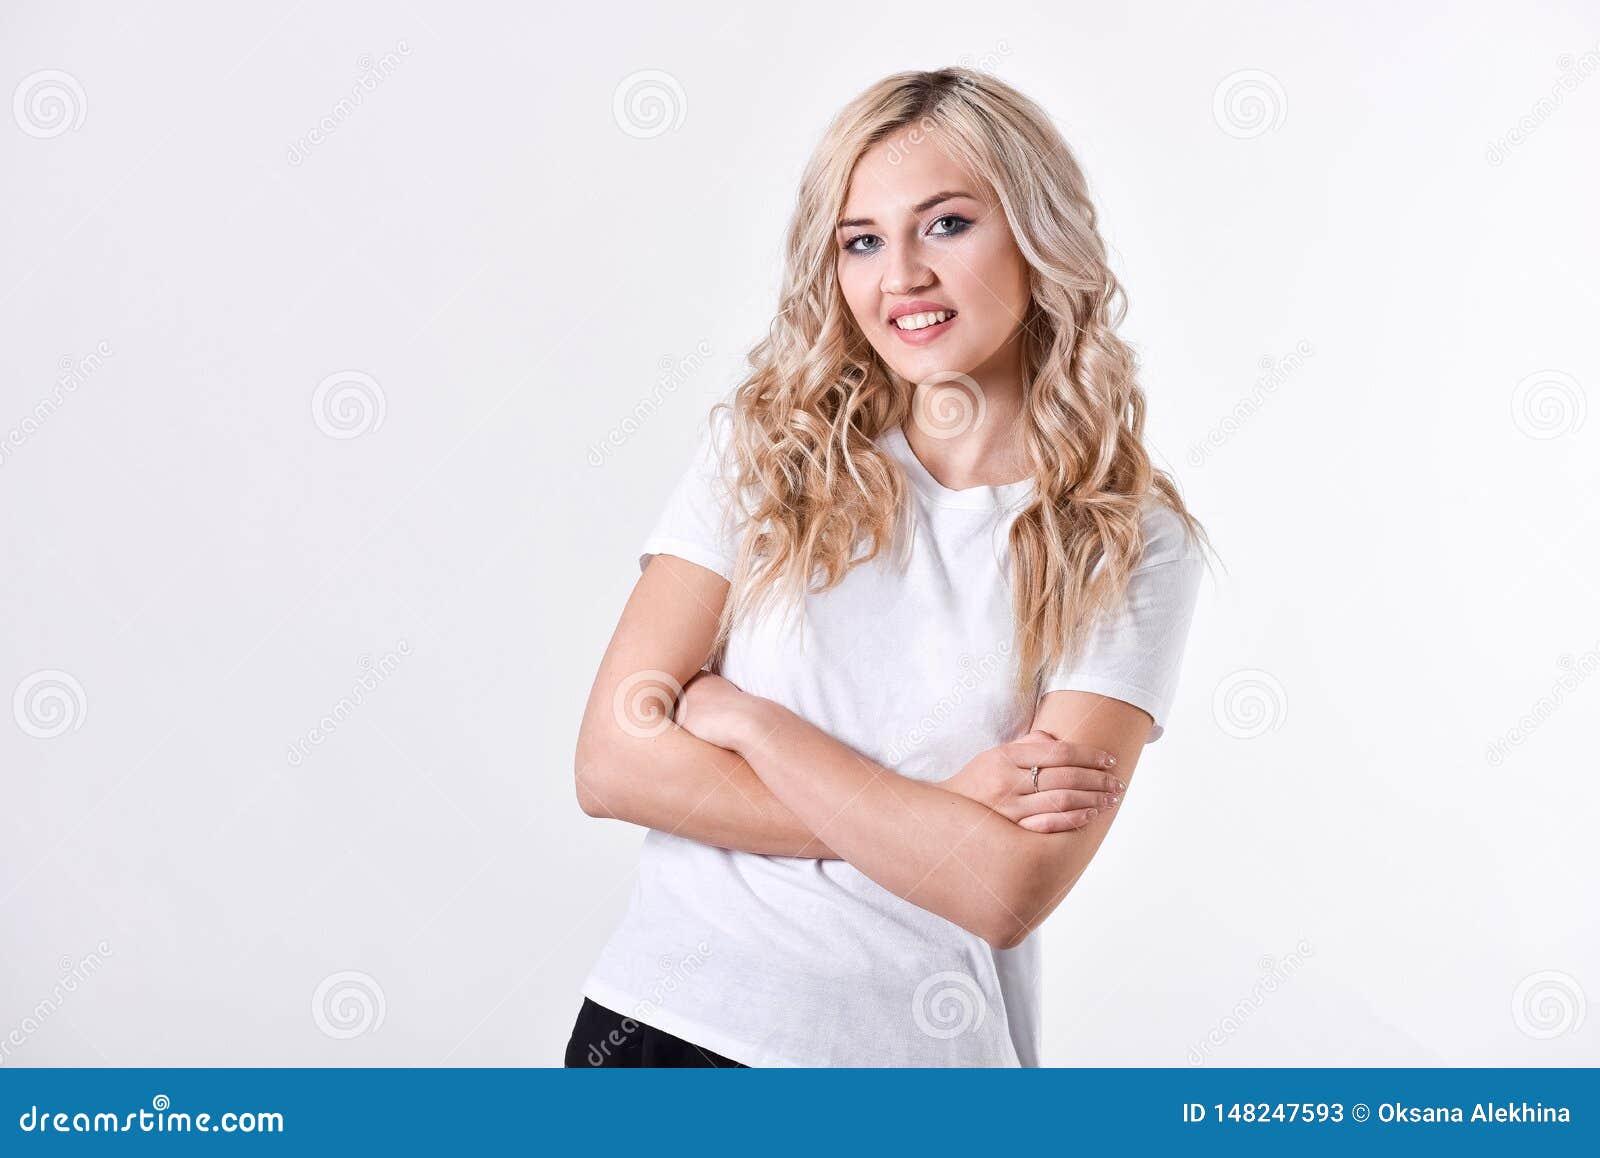 Een jong mooi meisjesblonde bevindt zich met gevouwen handen, een wit overhemd, op een witte achtergrond